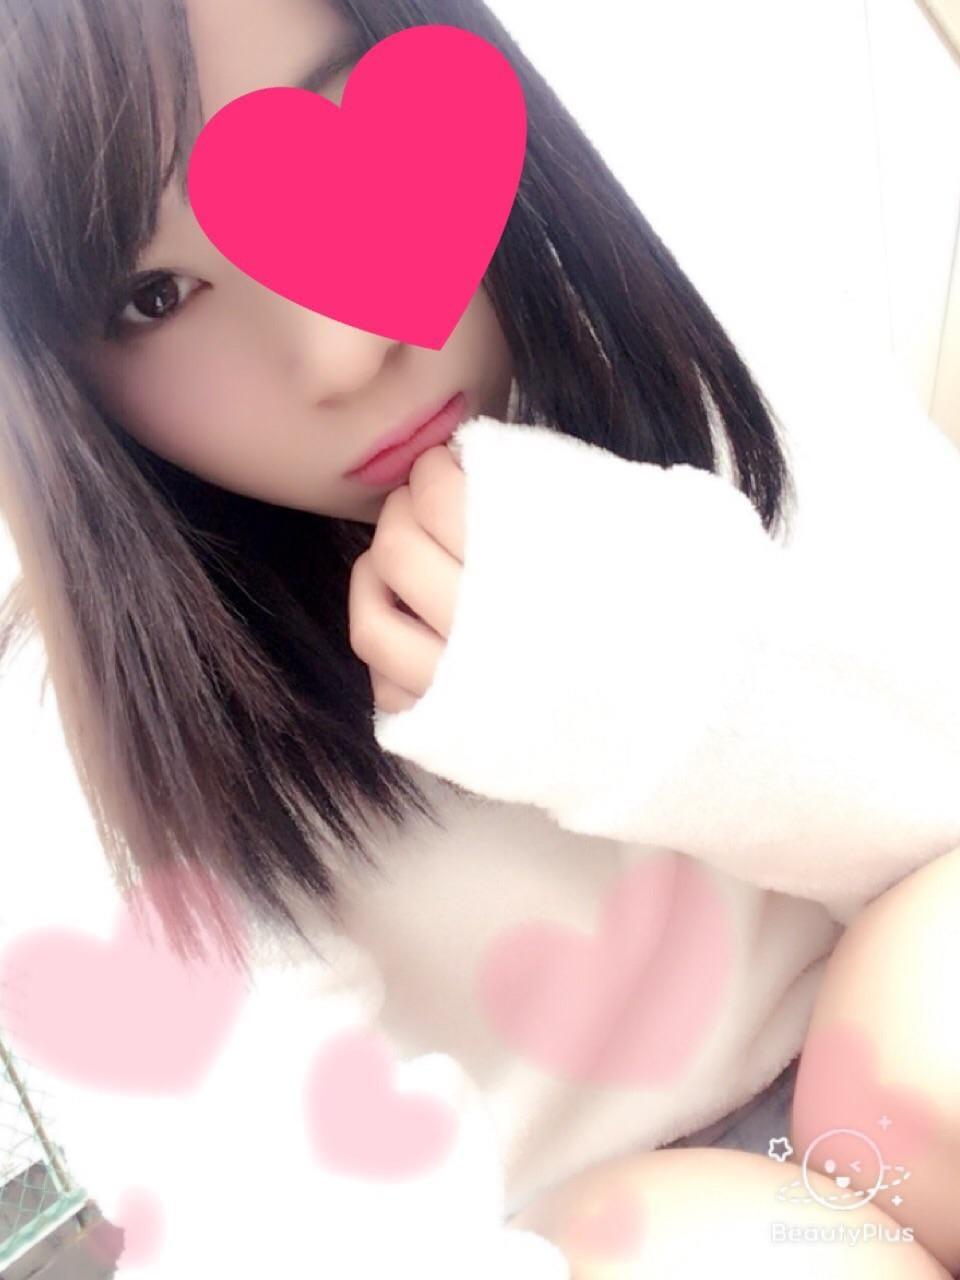 「おやすみなさい(*''-''*)???」05/21(05/21) 00:54 | あいの写メ・風俗動画